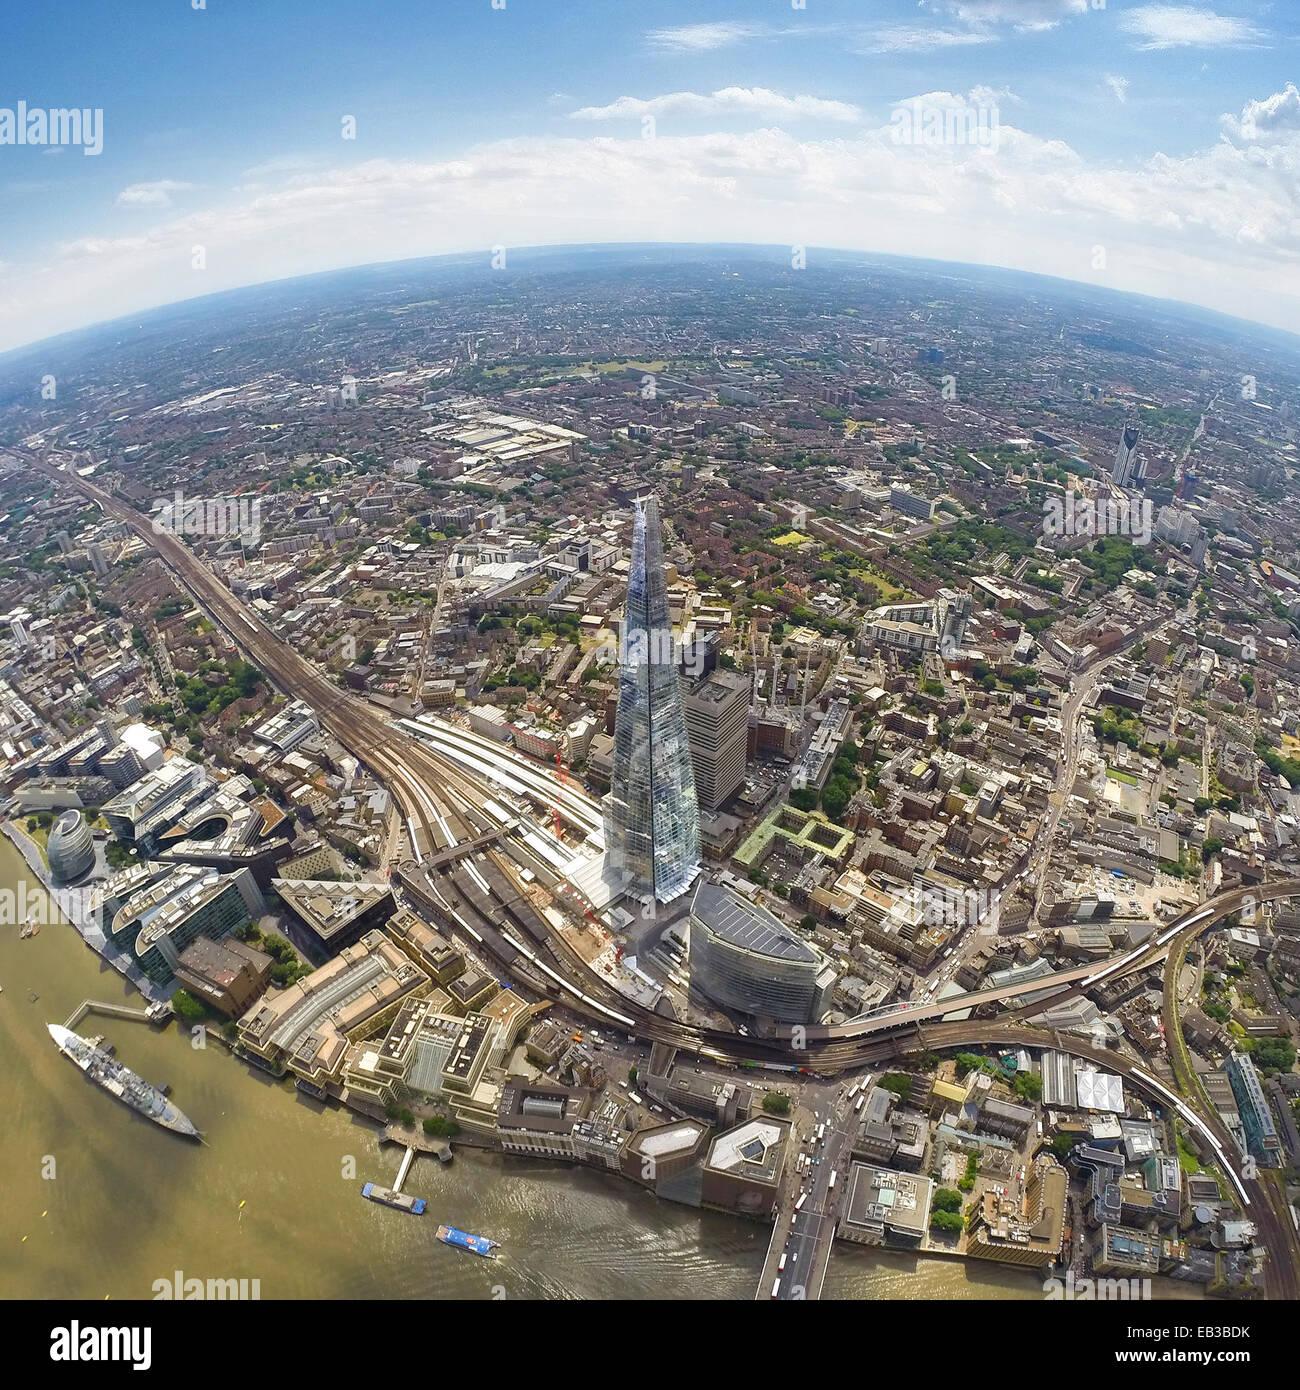 Regno Unito, Inghilterra, vista aerea di Shard a Londra Foto Stock